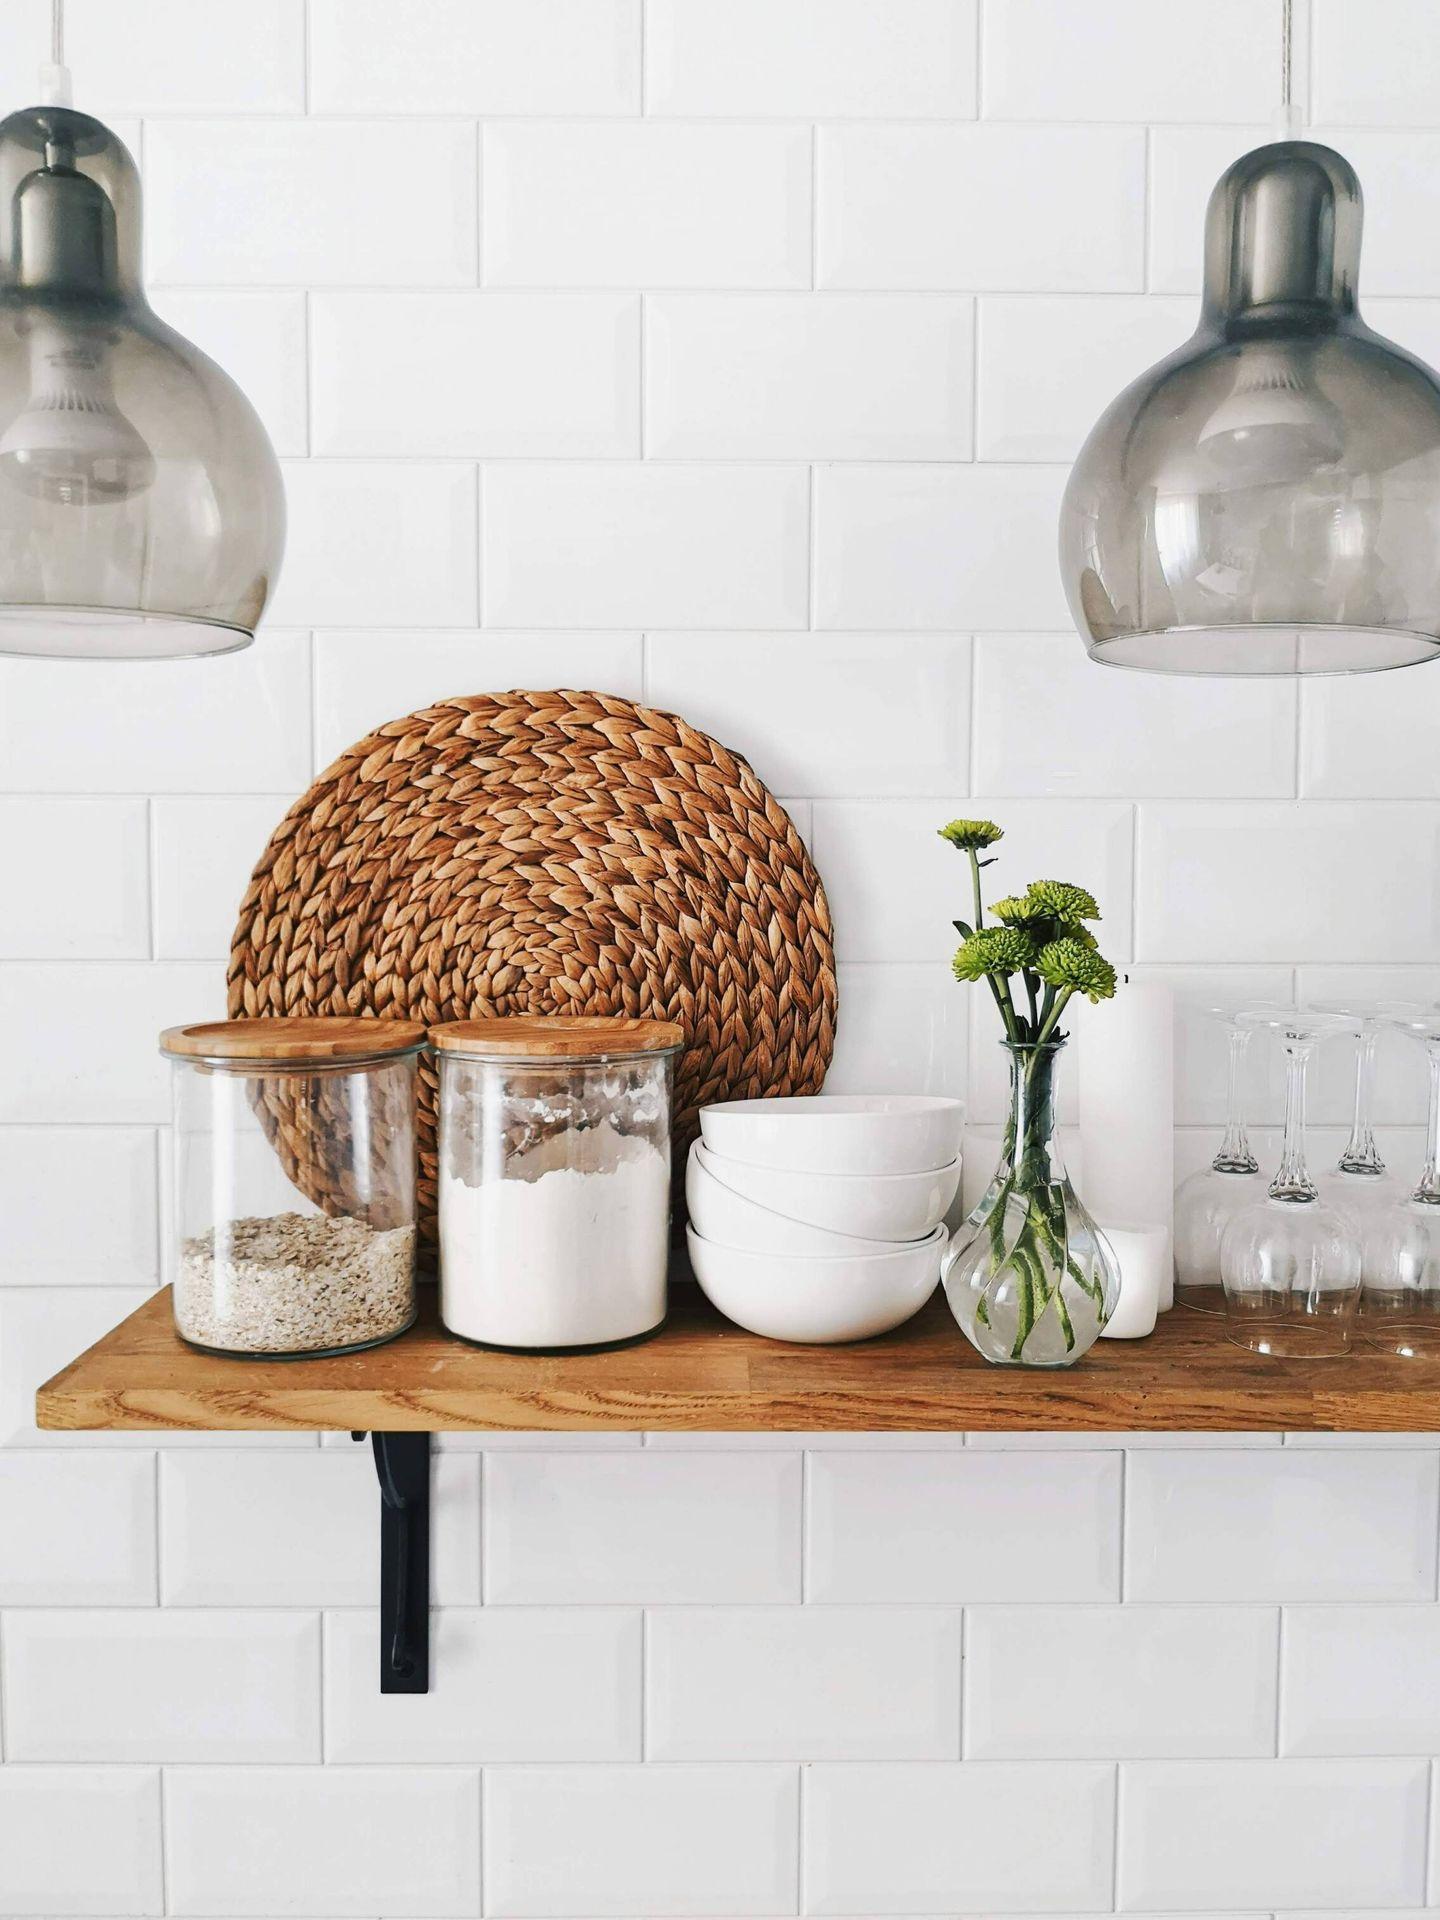 Claves para una cocina de estilo nórdico. ( Uliana Kopanytsia para Unsplash)